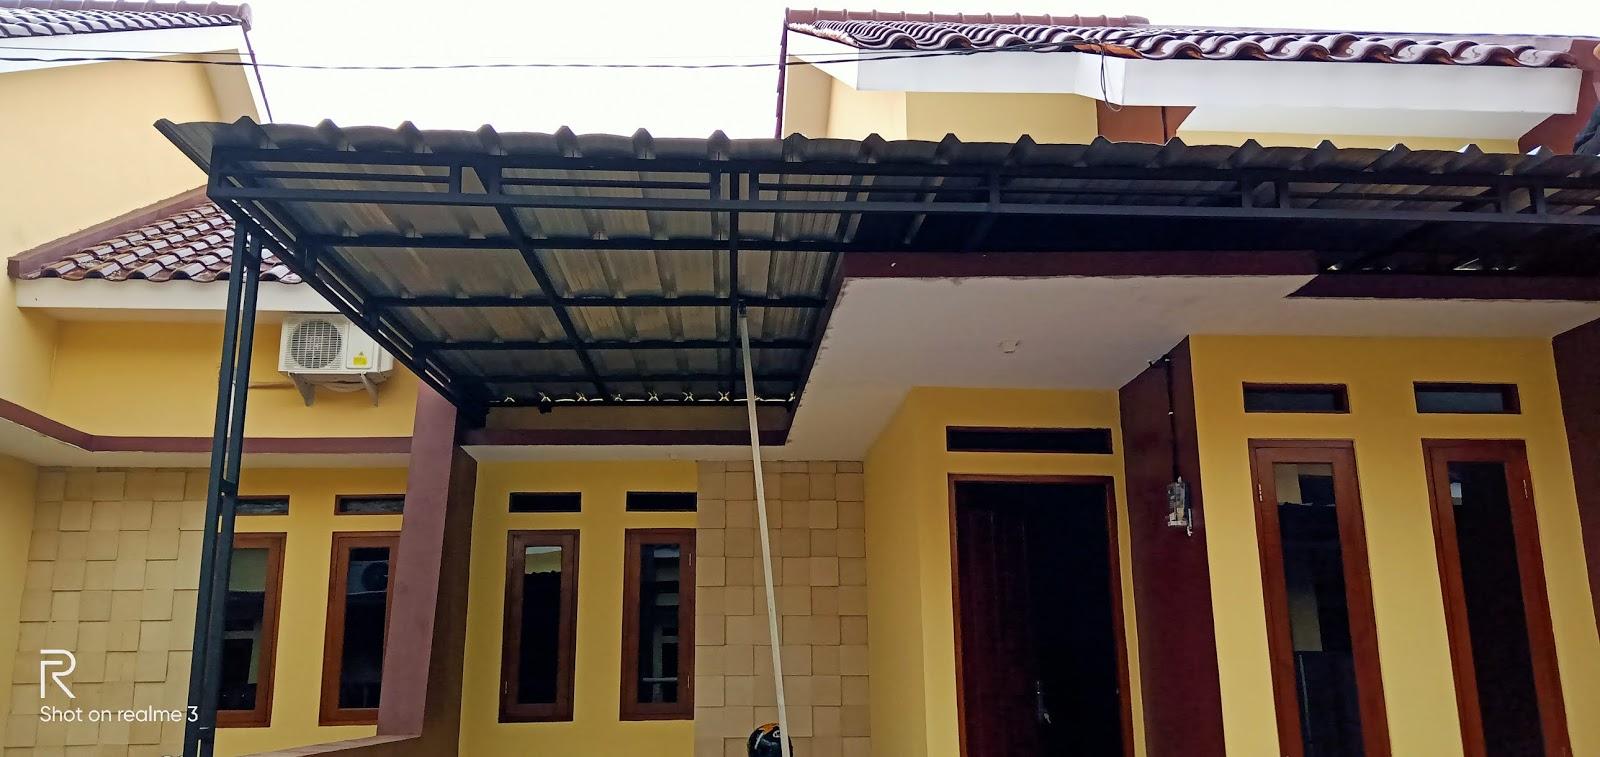 harga ganti atap baja ringan tukang kanopi murah kota depok dan